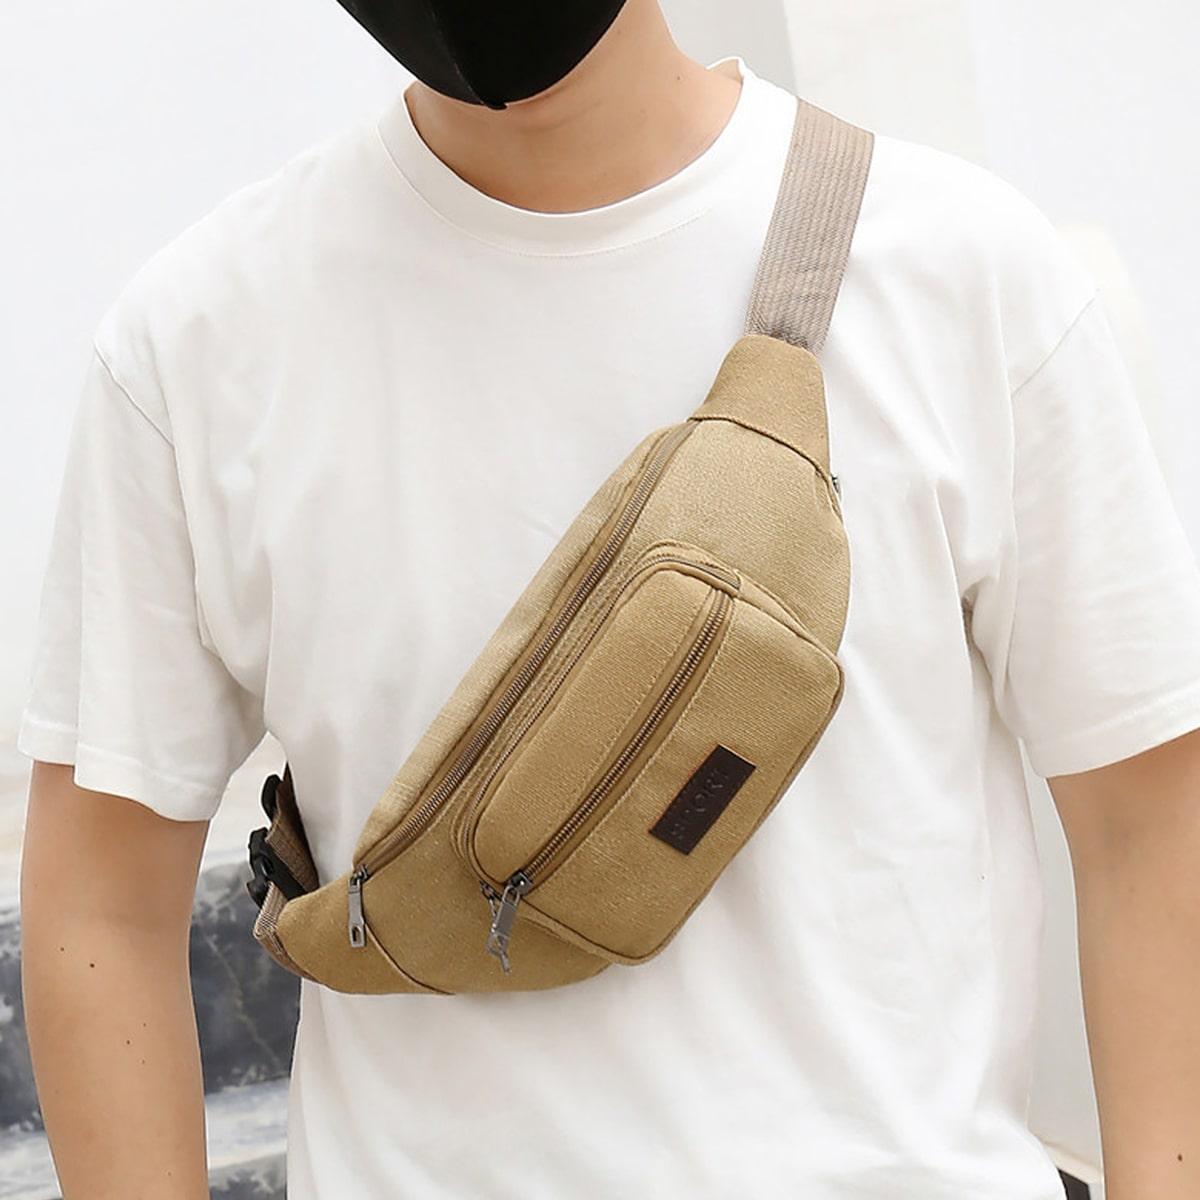 Минималистичная поясная сумка для мужчины